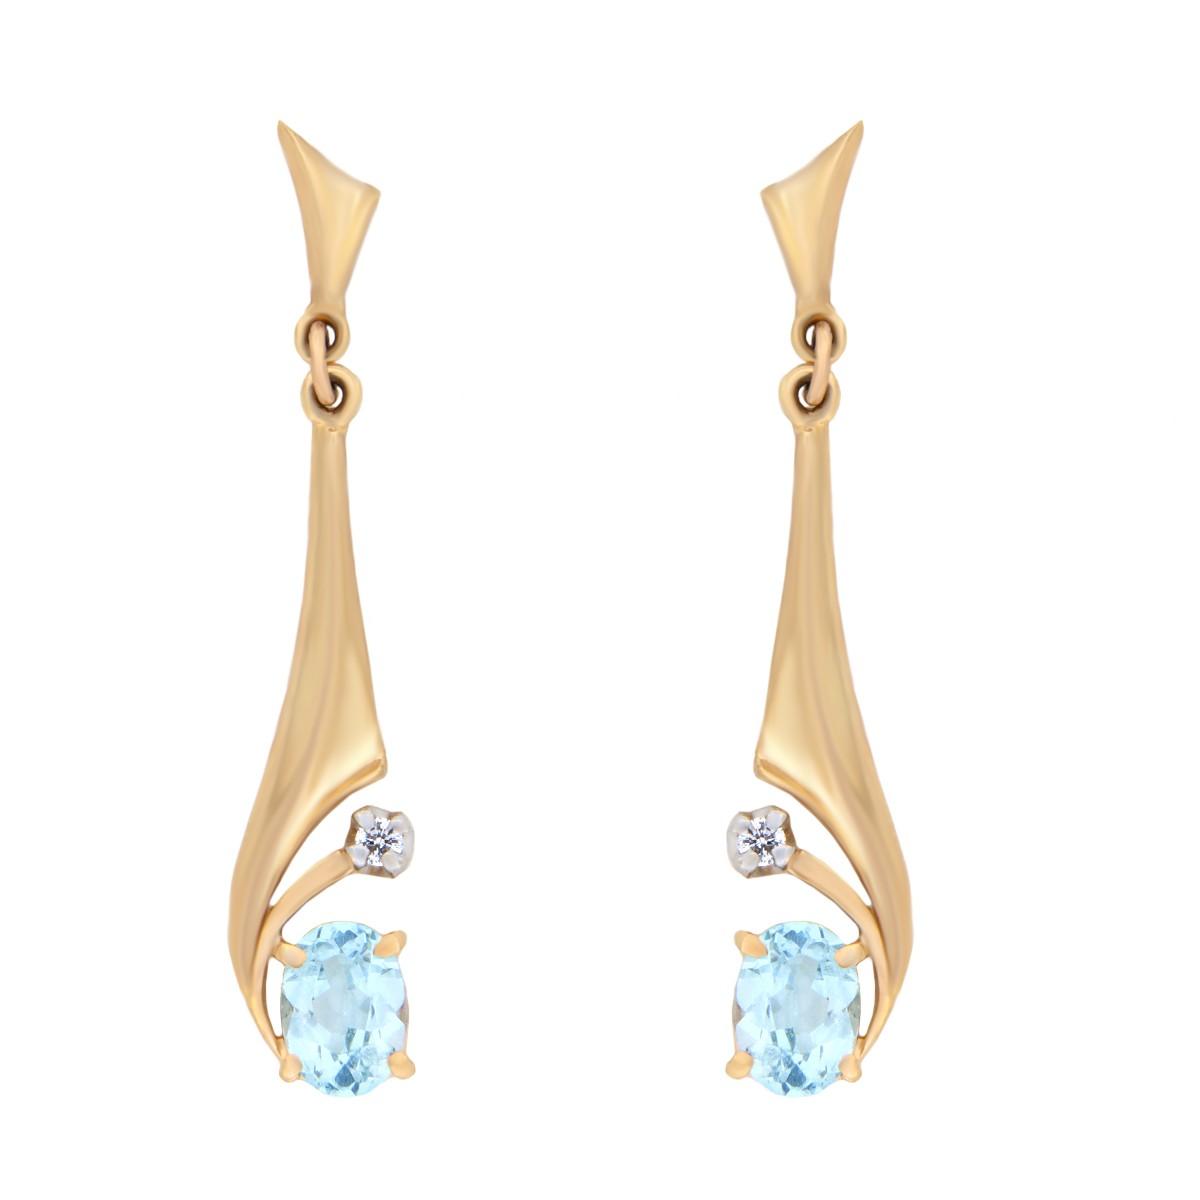 Kullast kõrvarõngad teemantide ja topaasiga Kood: er0313-topaas